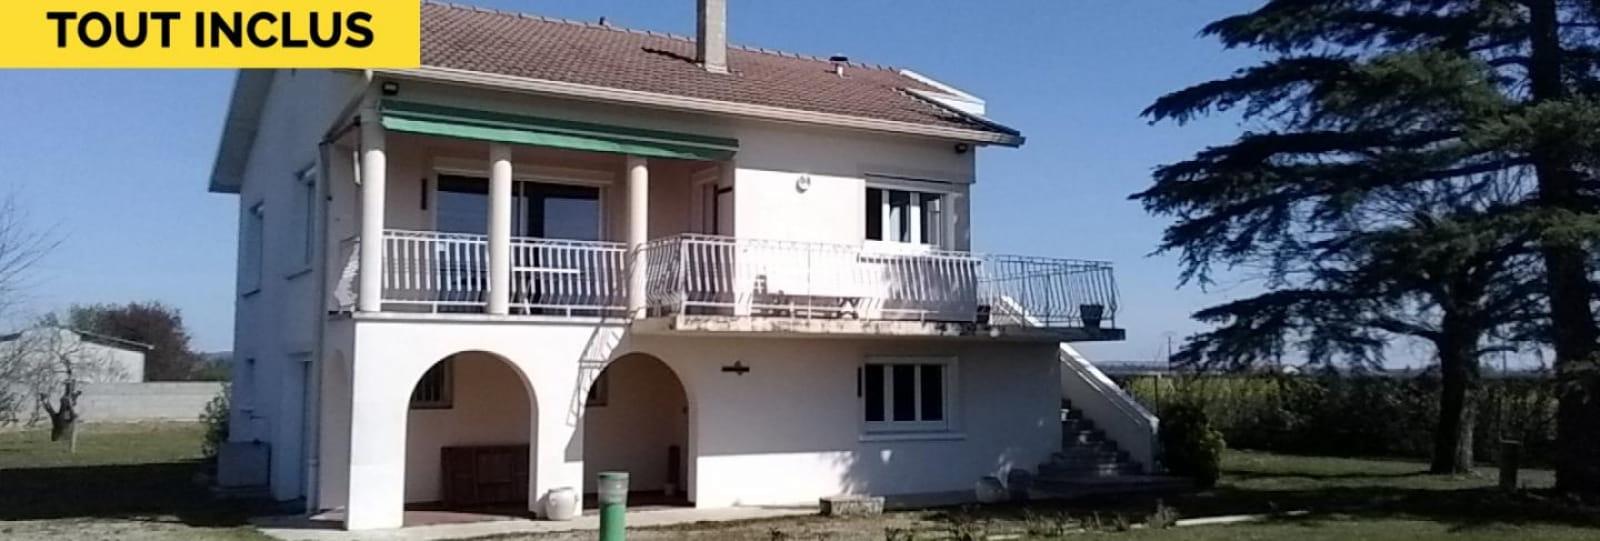 Maison d'Hélène